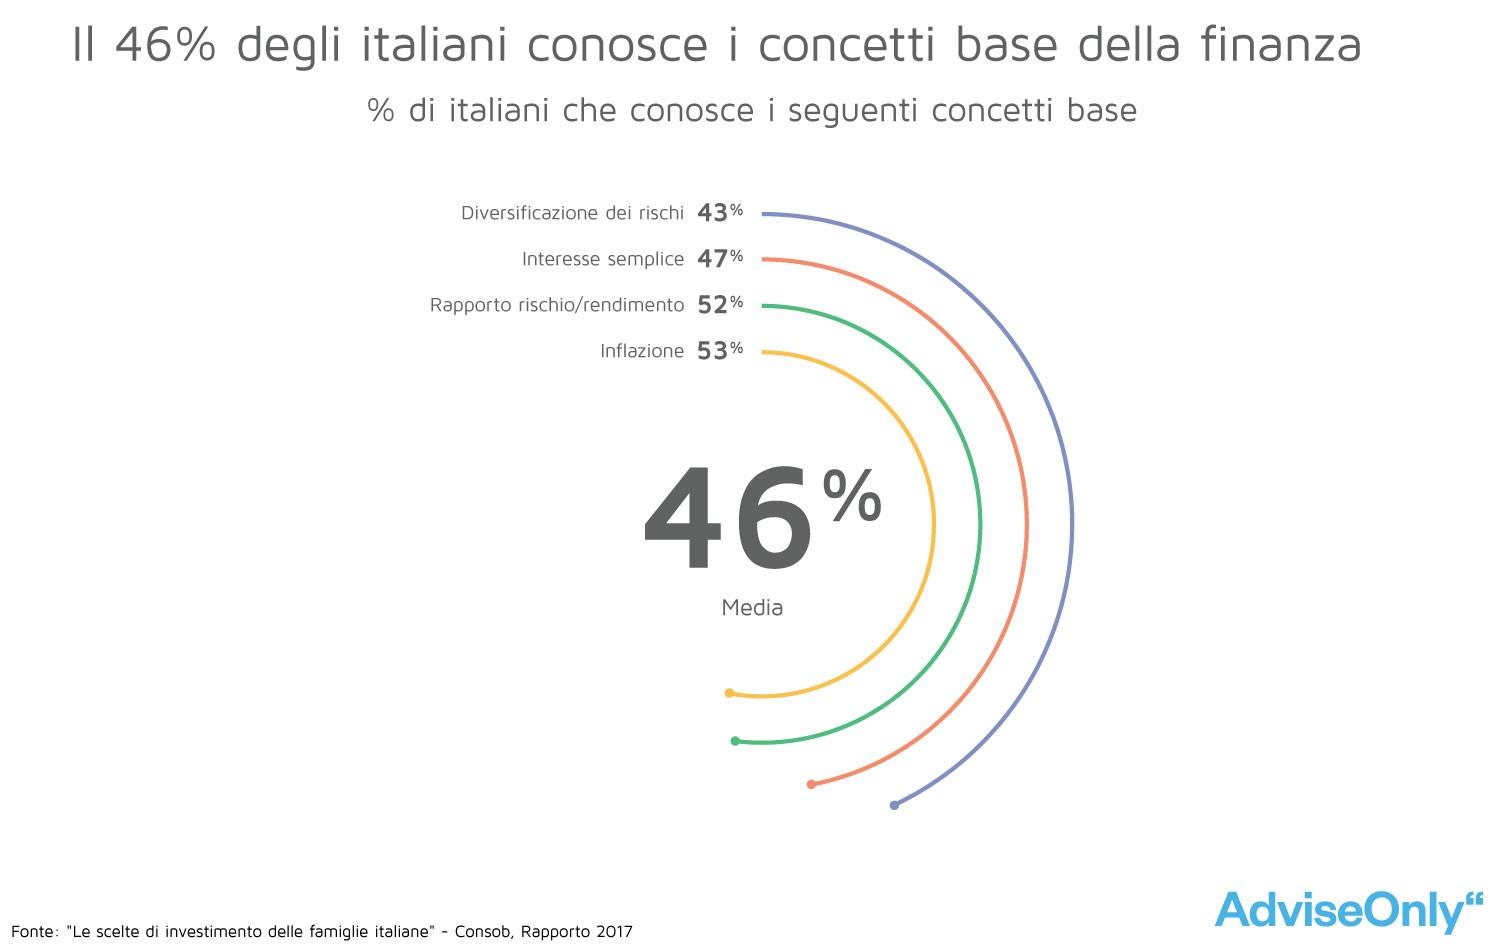 La percentuale di italiani che conosce i concetti base del mondo finanziario